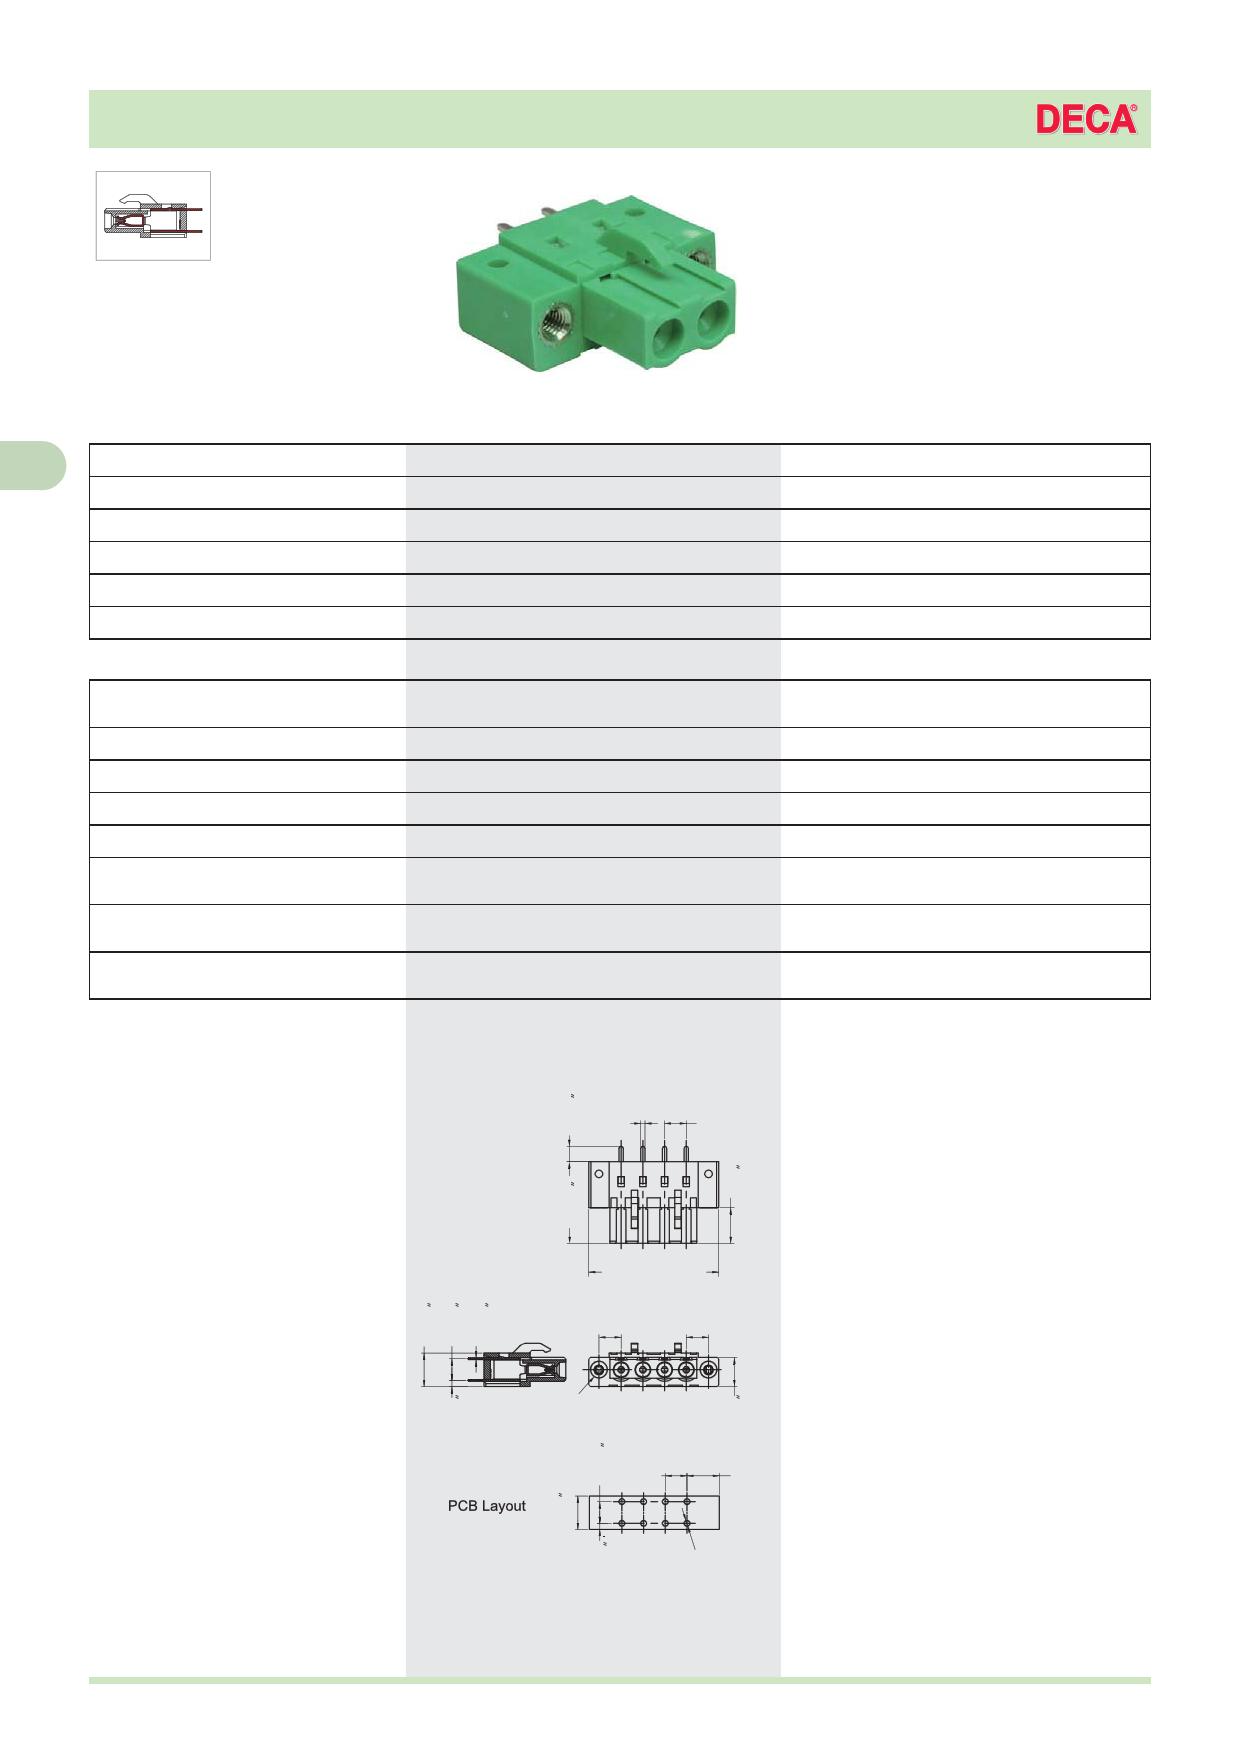 MF206 데이터시트 및 MF206 PDF